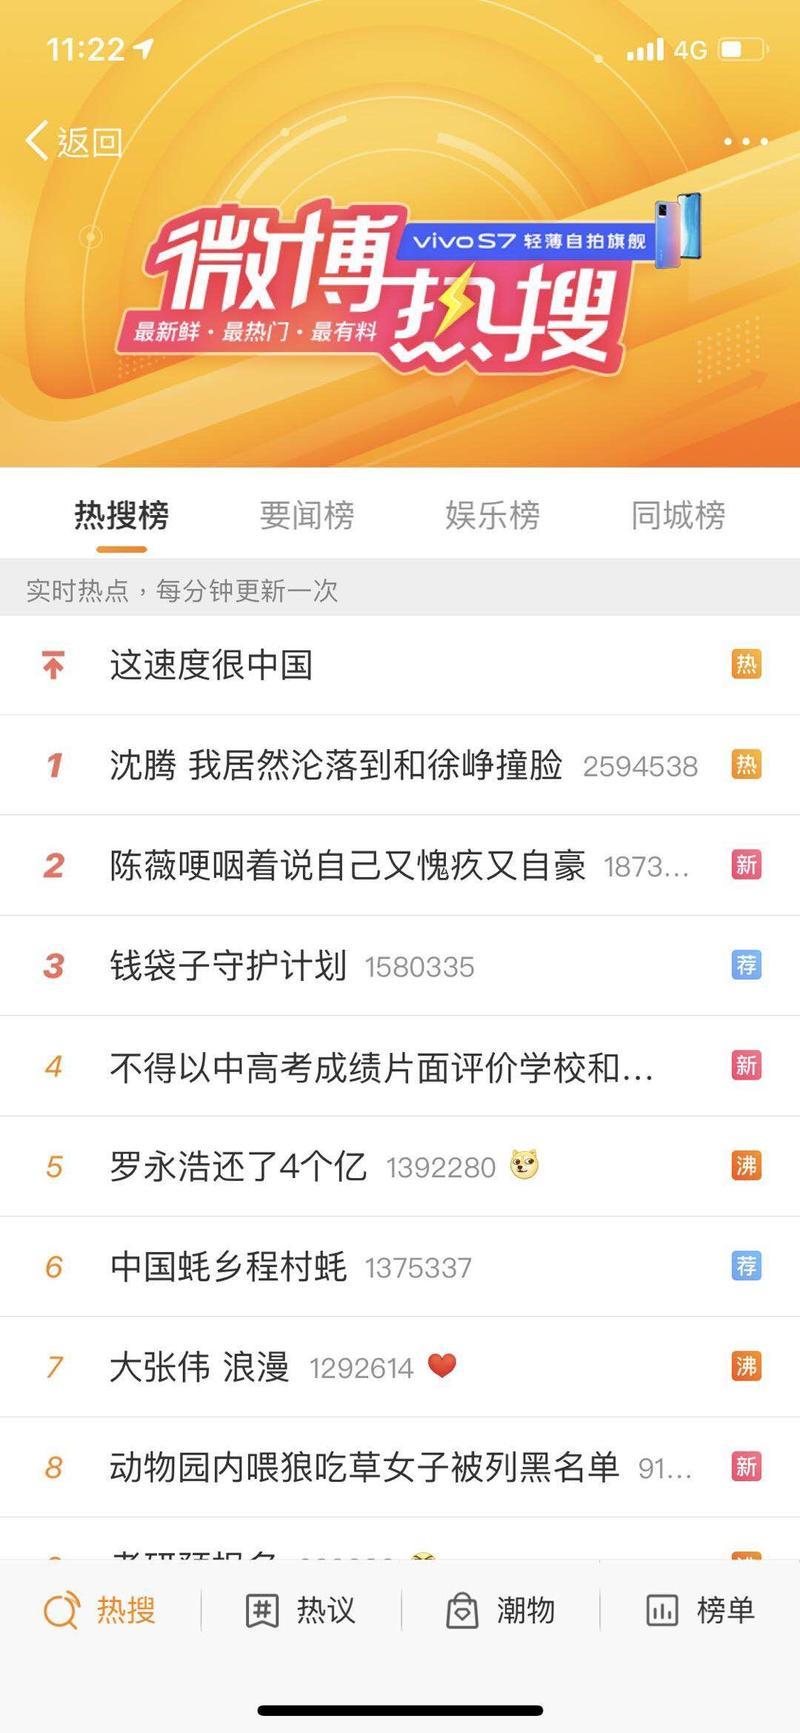 """程村蚝跟《脱口秀大会》争热搜,""""网络节+云展会""""的新模式有多厉害?"""